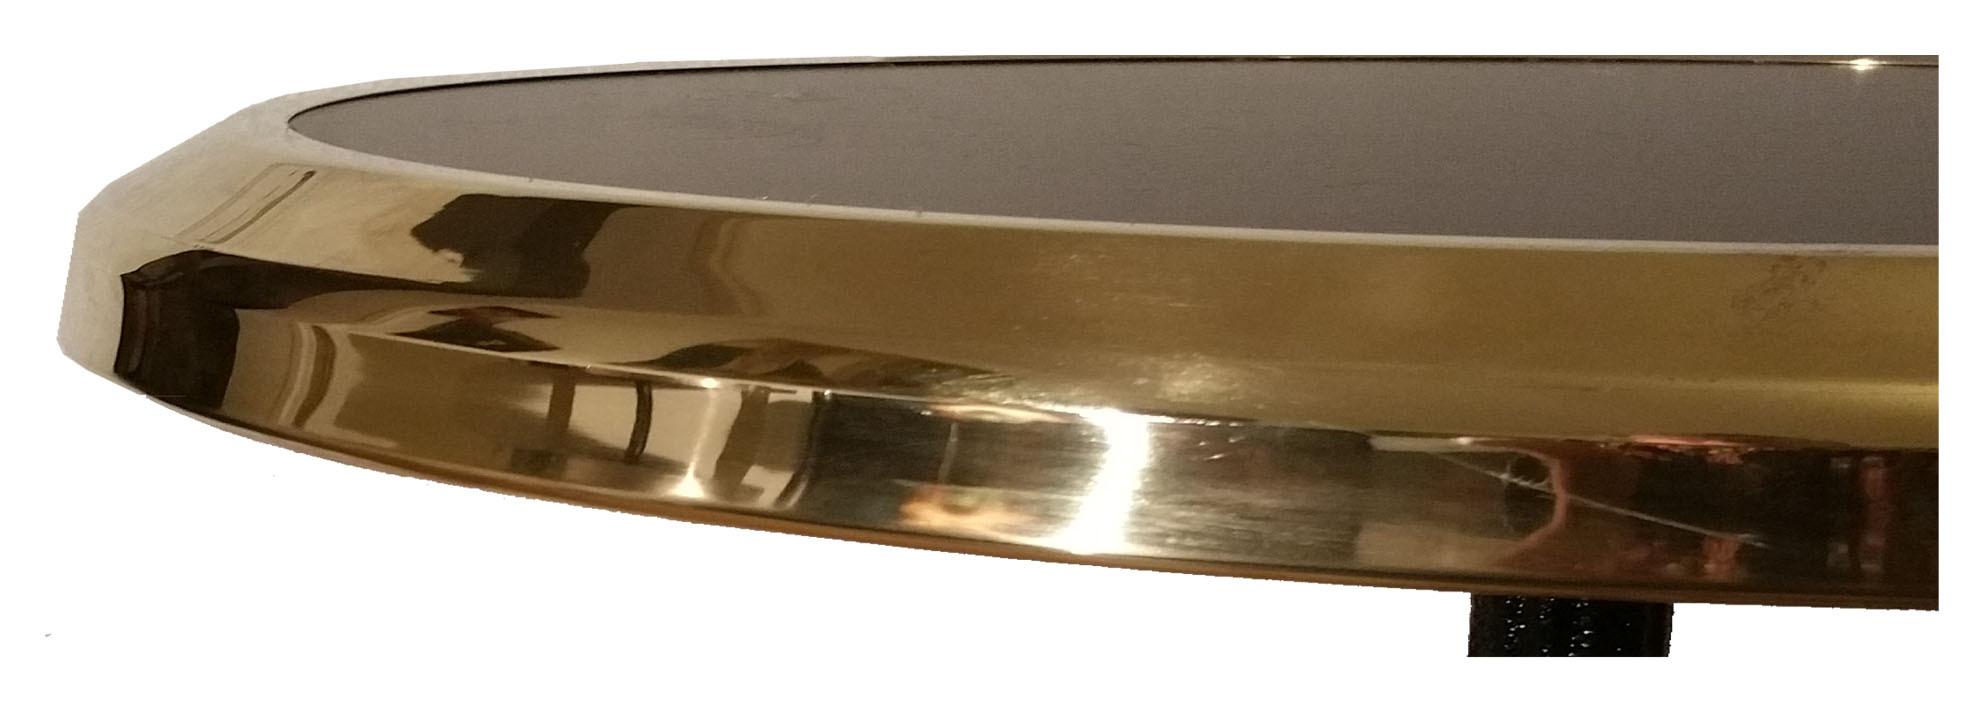 Bistrotische caf tische marmor tische gastrom bel for Marmor tische